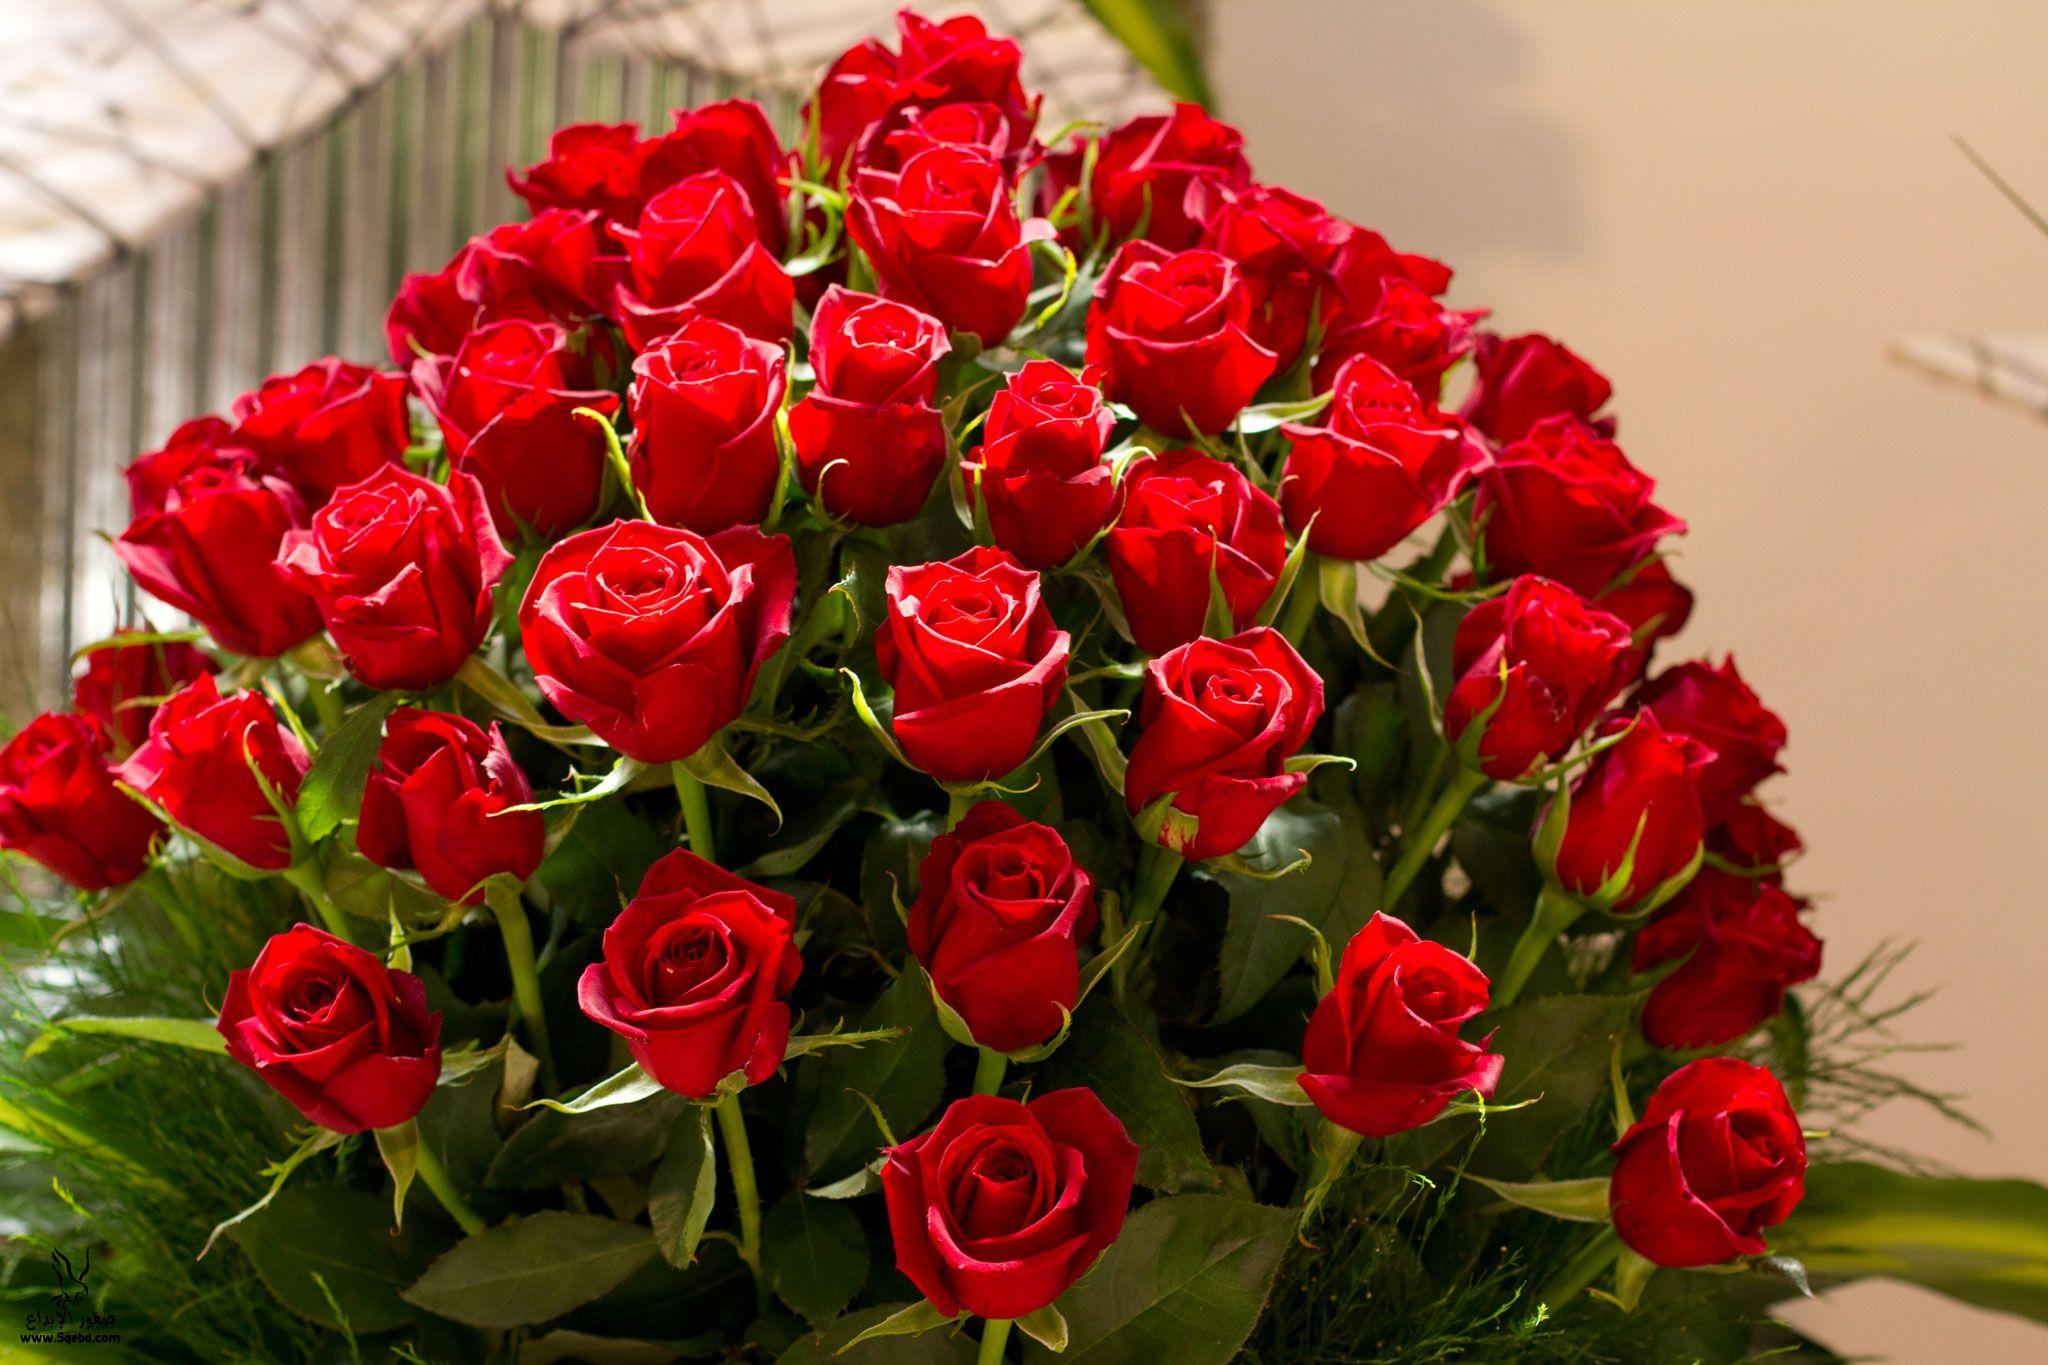 بالصور اجمل الورود والازهار 10858 2